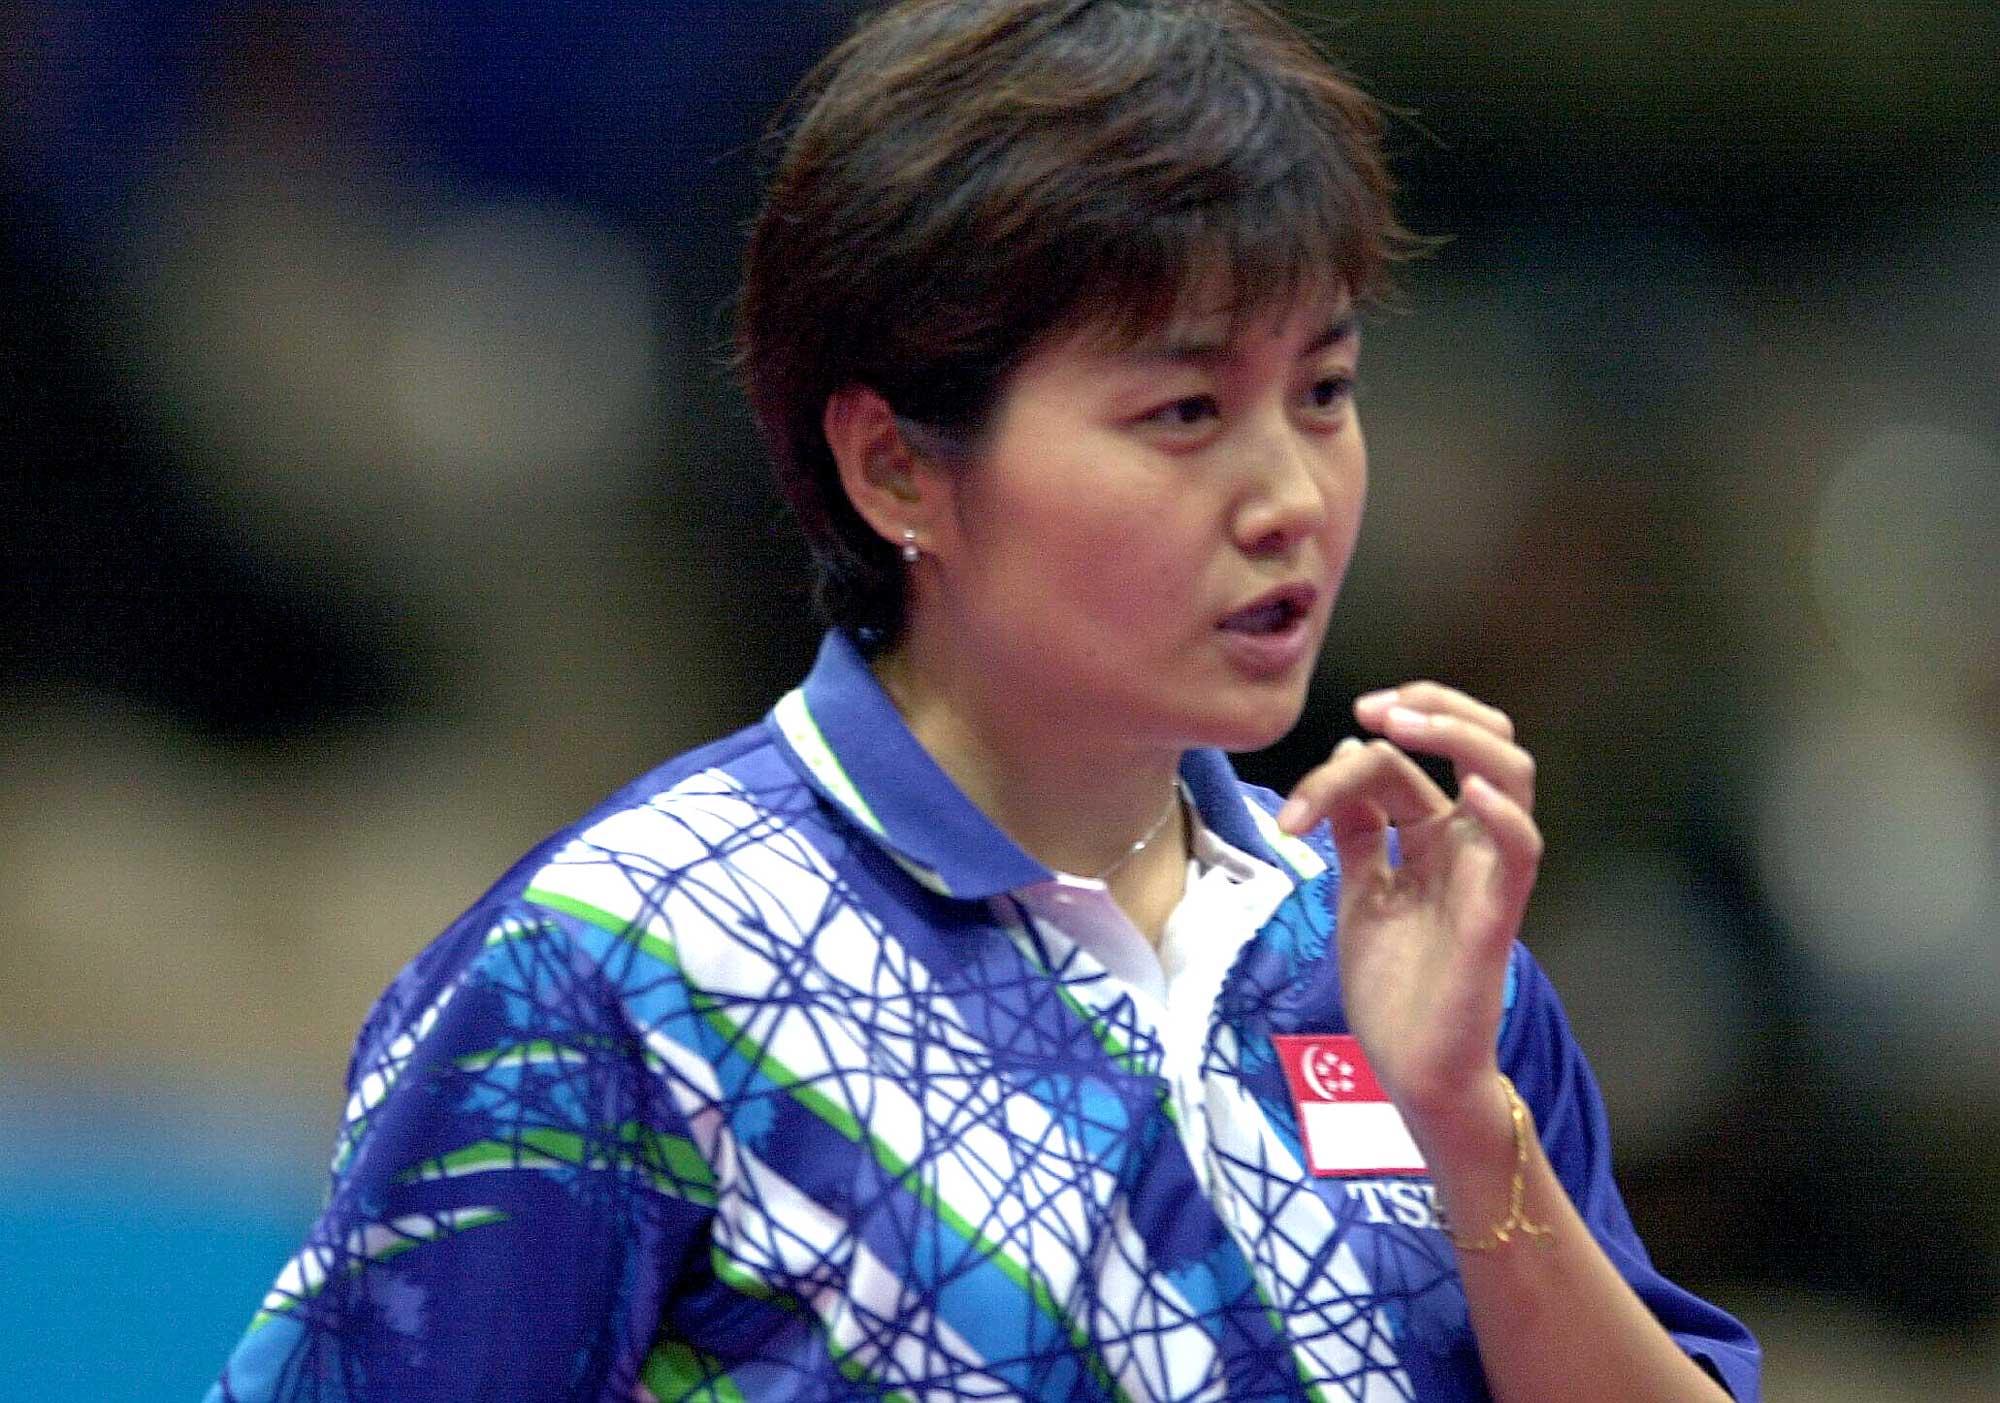 Jing Junhong